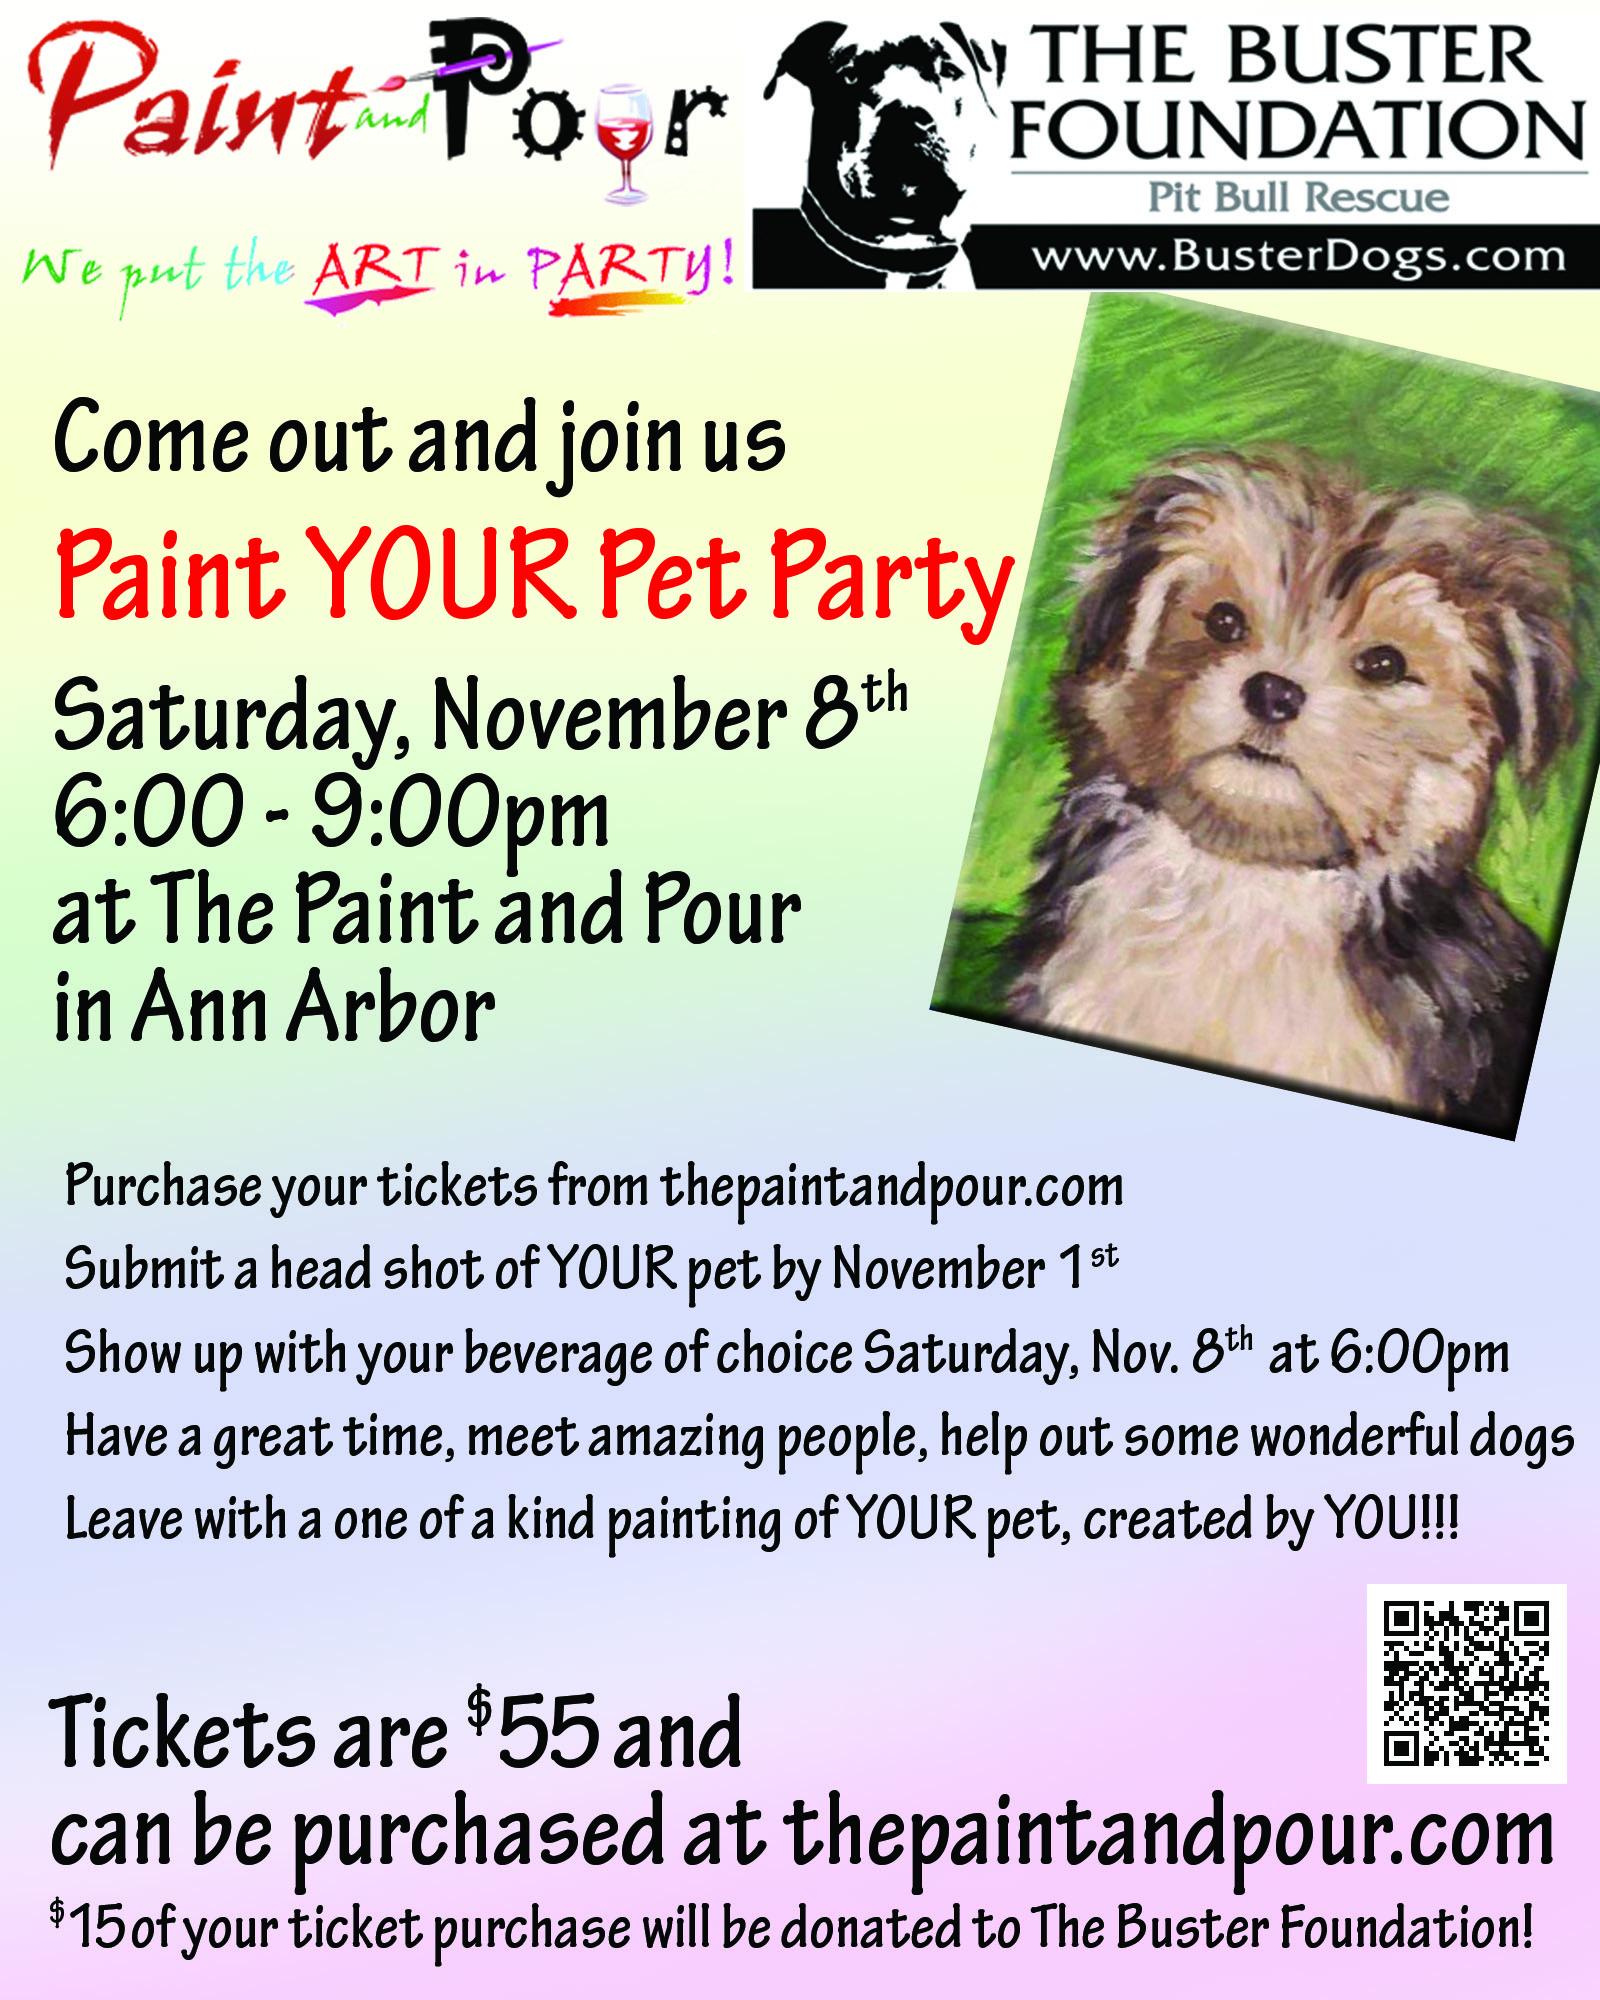 Paint your Pet Nov 8